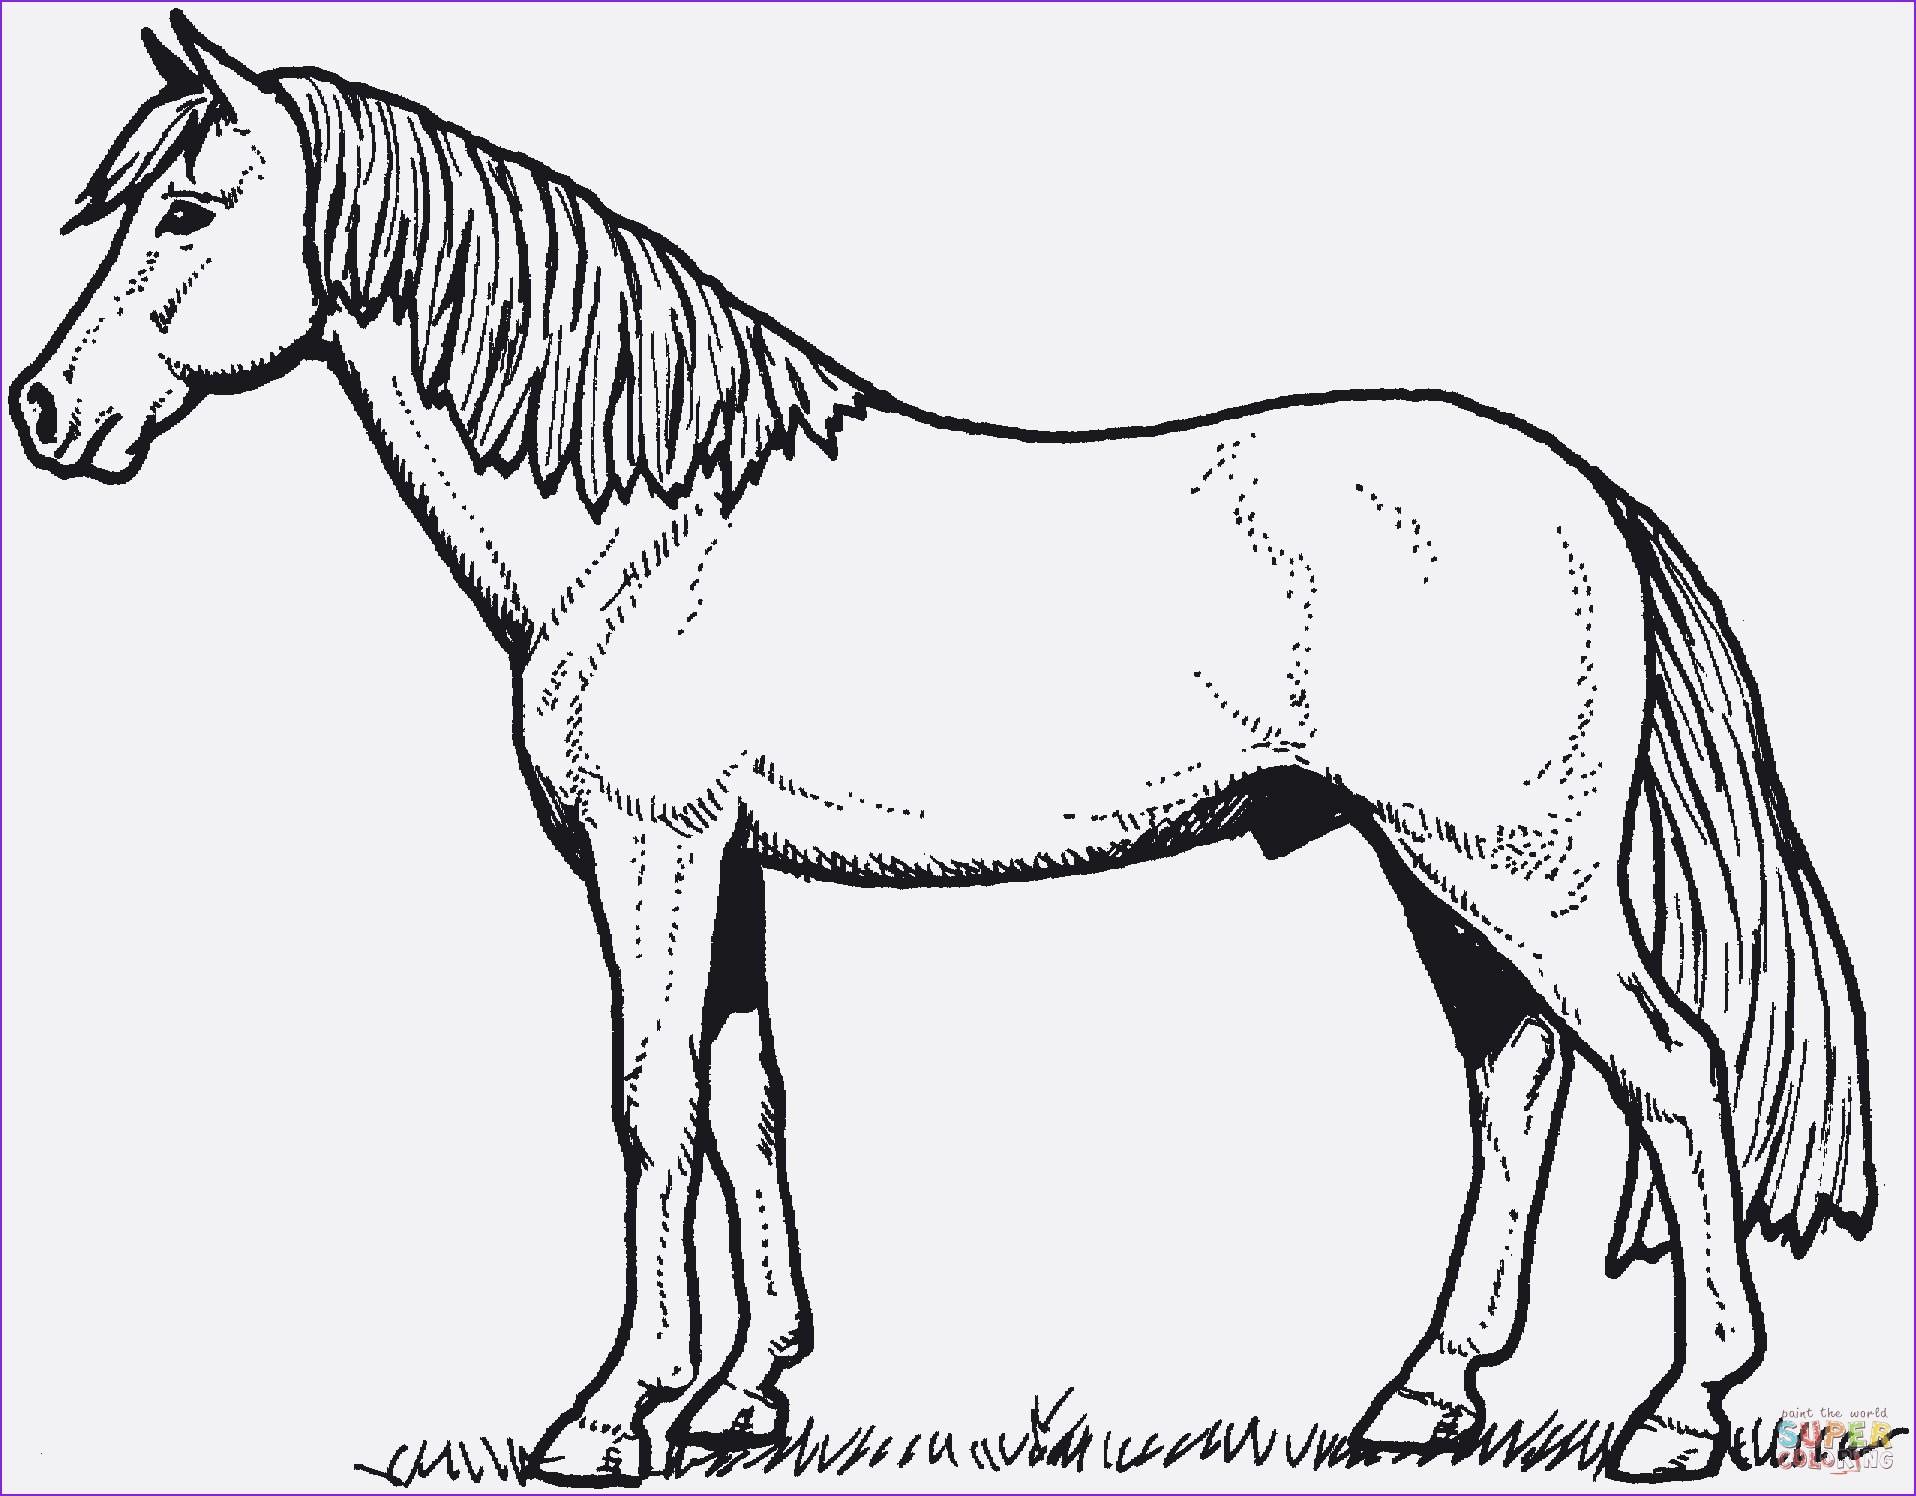 Ausmalbilder Pferde Mit Fohlen Einzigartig Pferdebilder Zum Ausdrucken Stück 38 Ausmalbilder Pferde Mit Fohlen Bilder